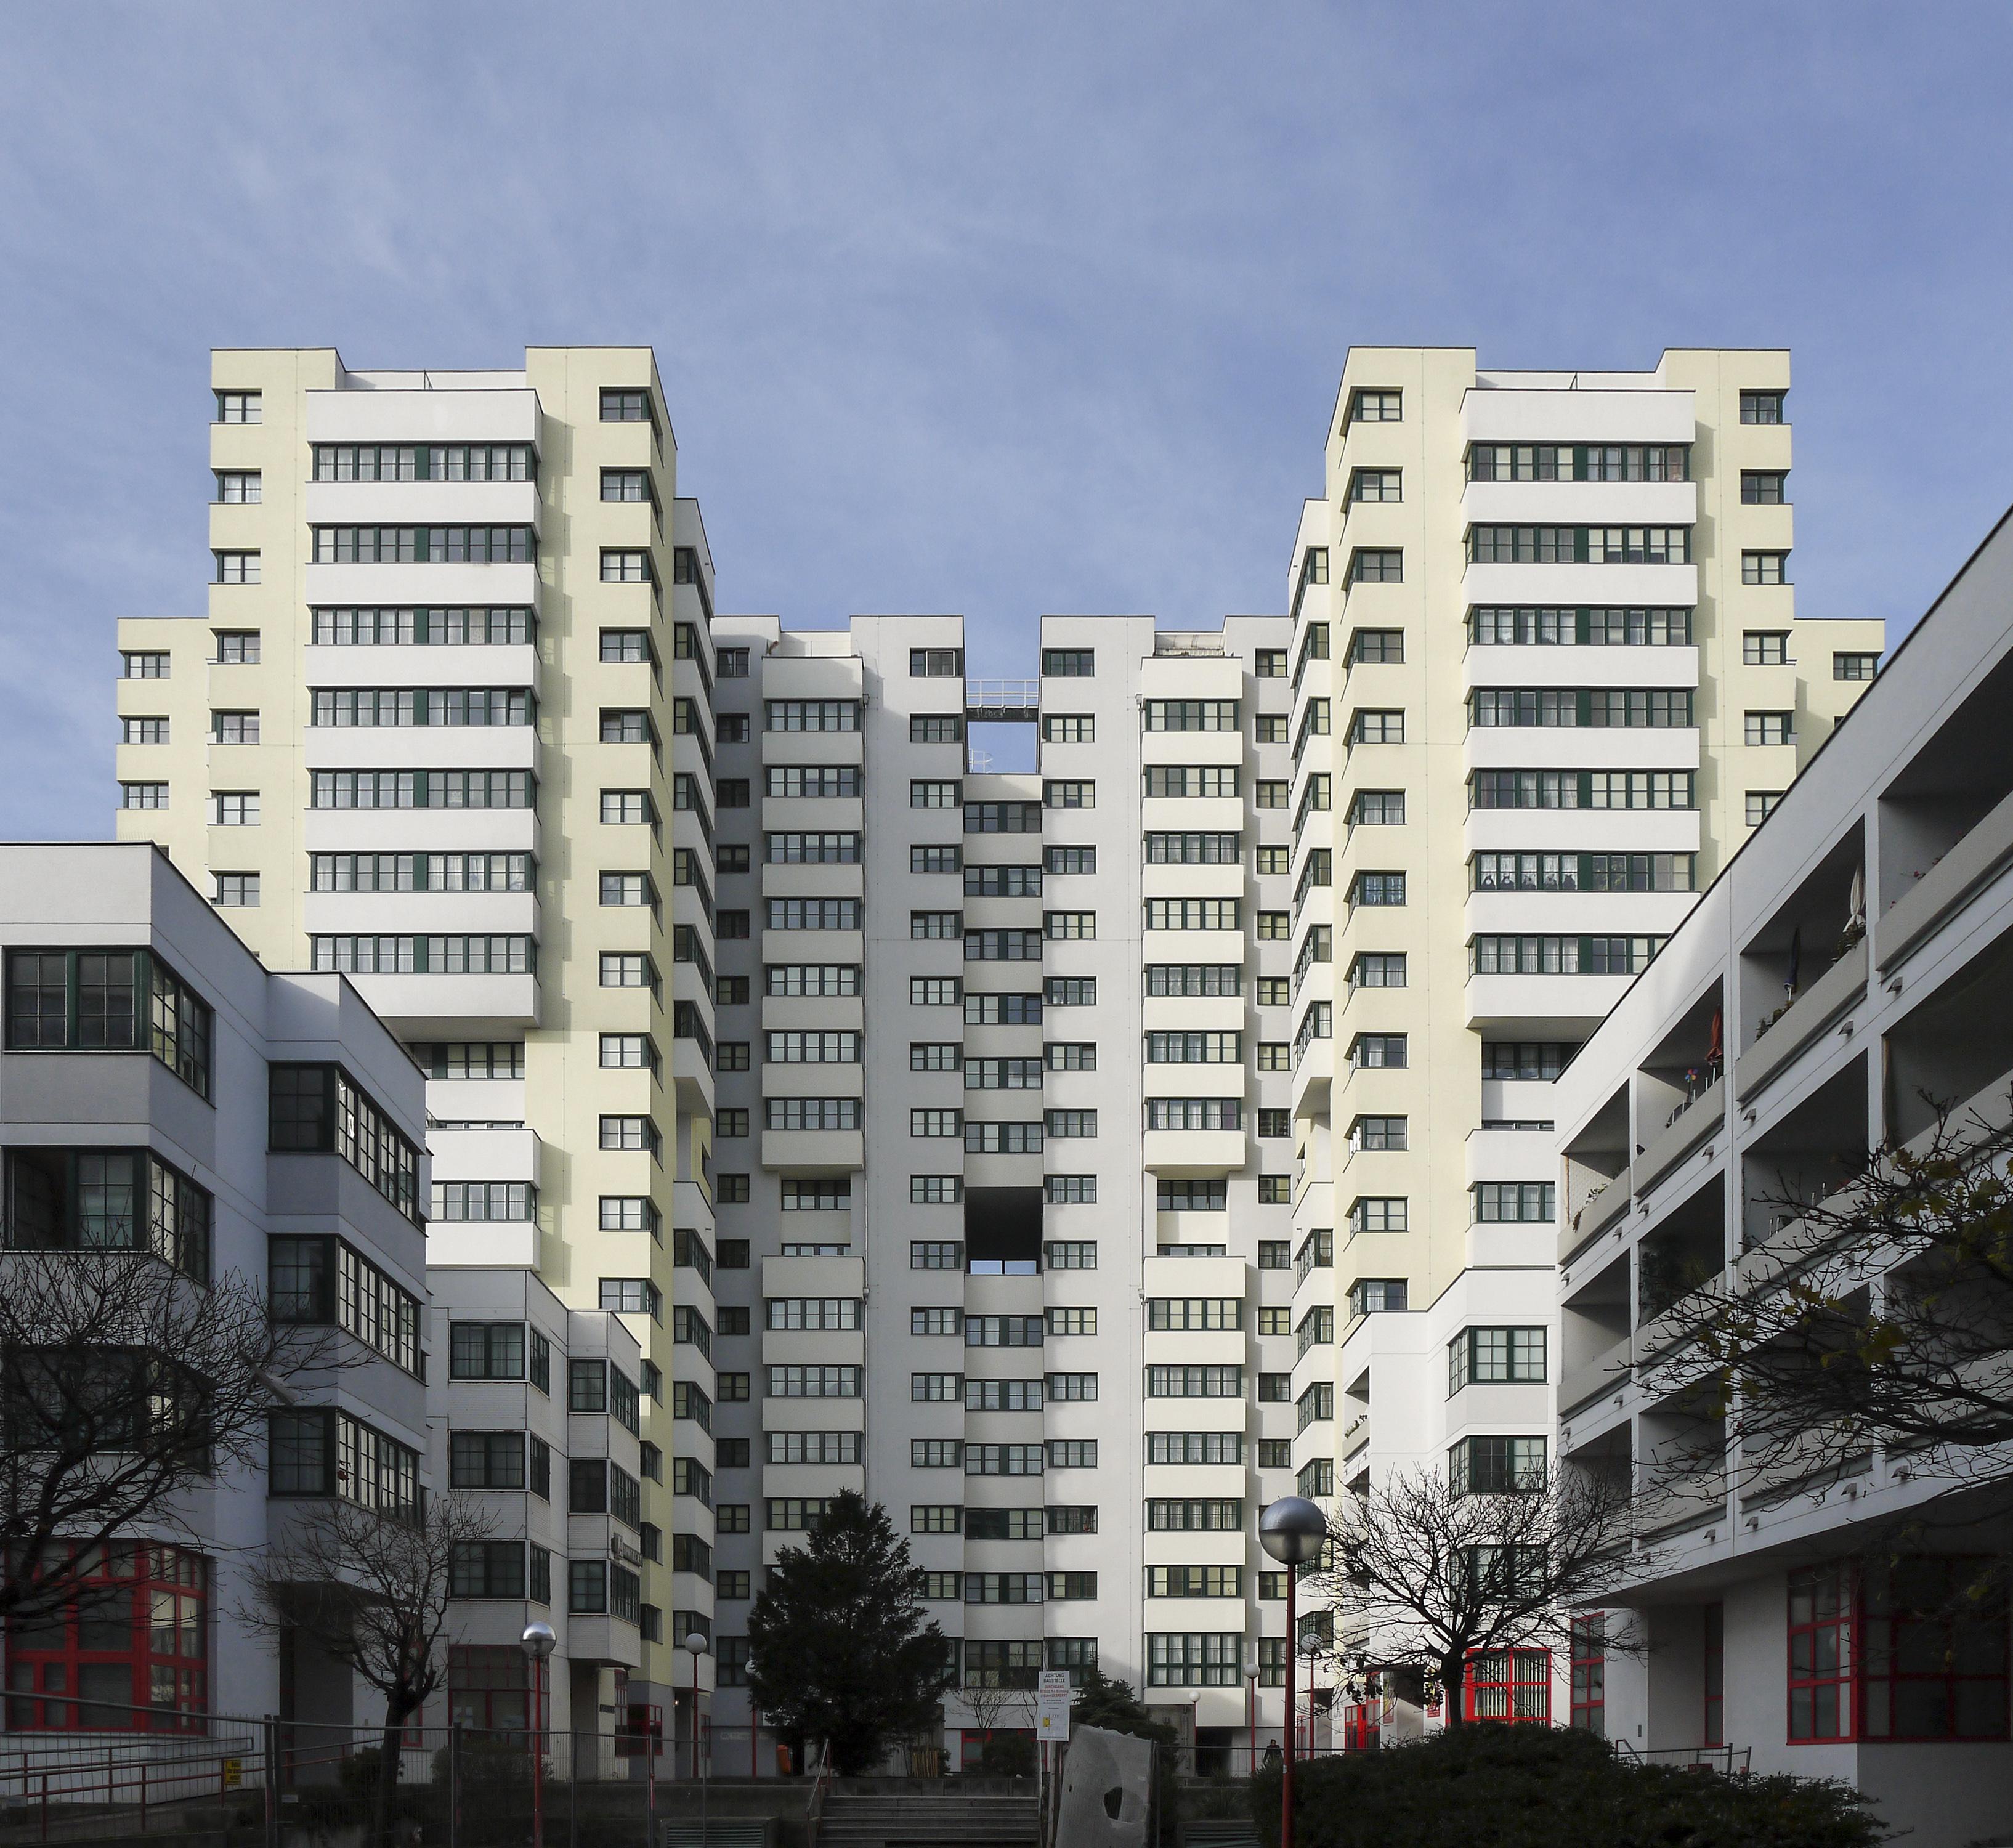 Stuttgart Ghetto